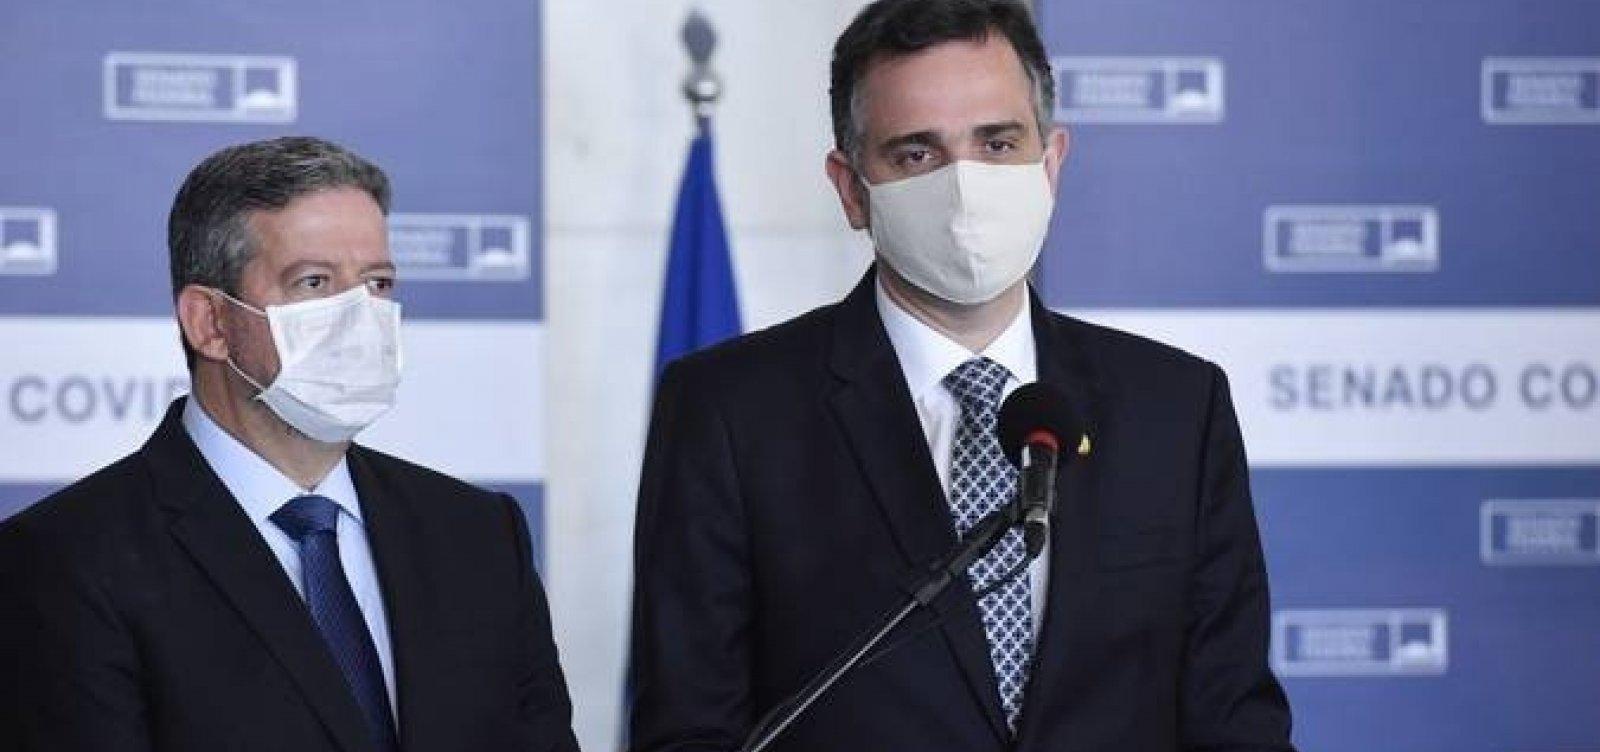 Centrão se alinha com empresários para dar ultimato a Bolsonaro